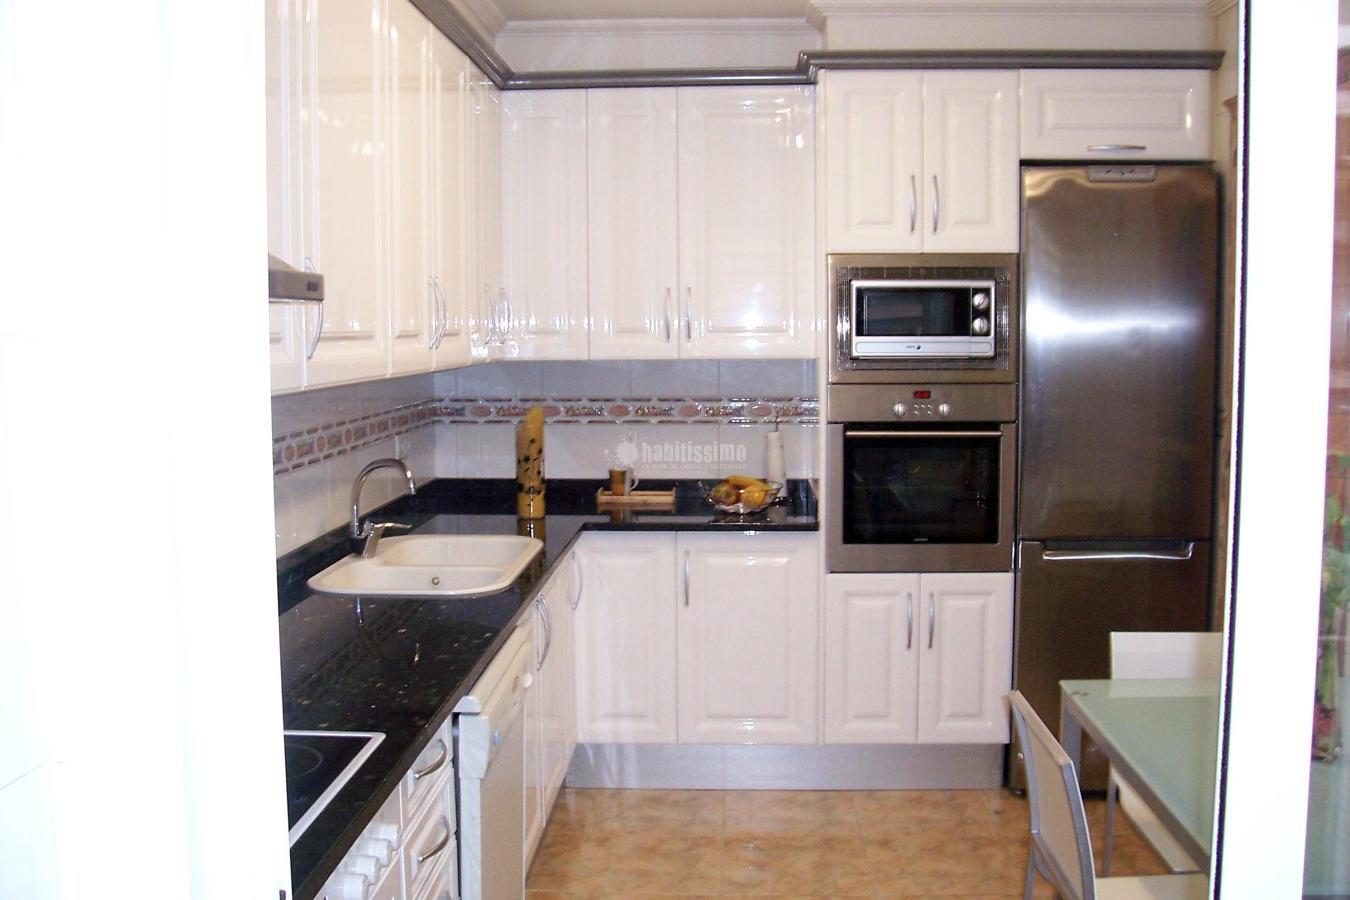 Foto muebles cocina puertas interiorismo fabricantes - Fabricantes muebles cocina ...